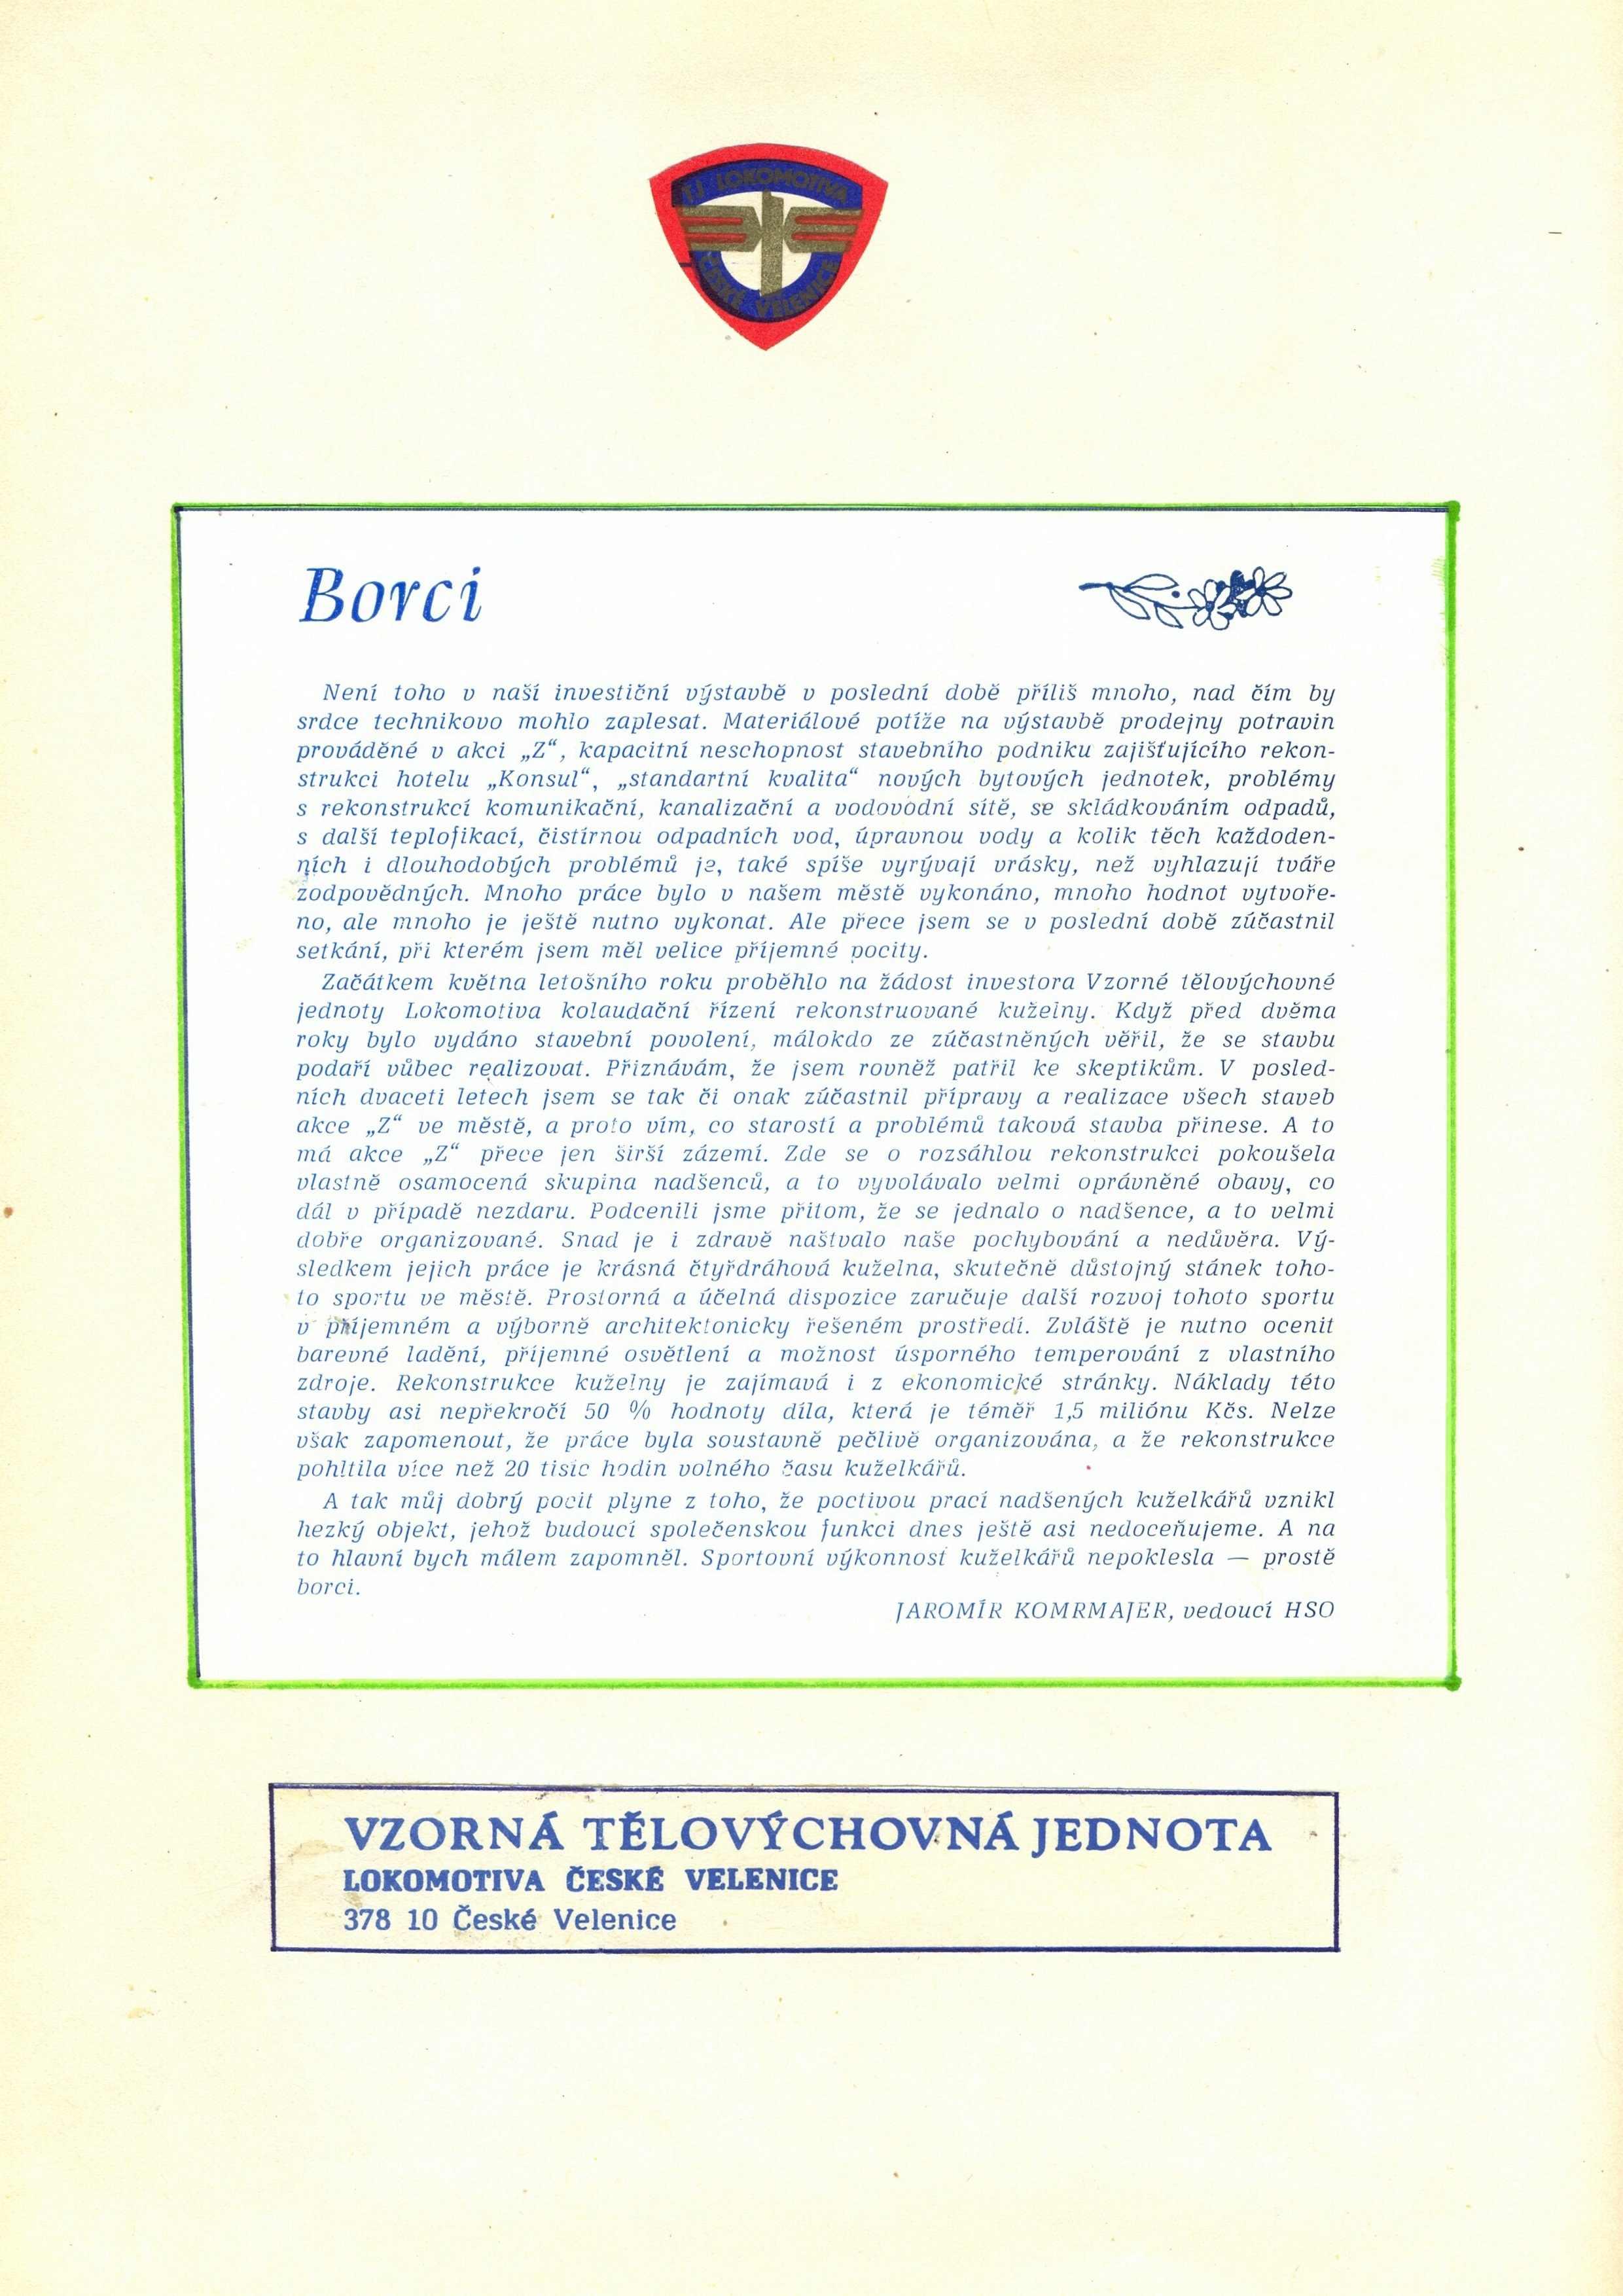 kronika_-65